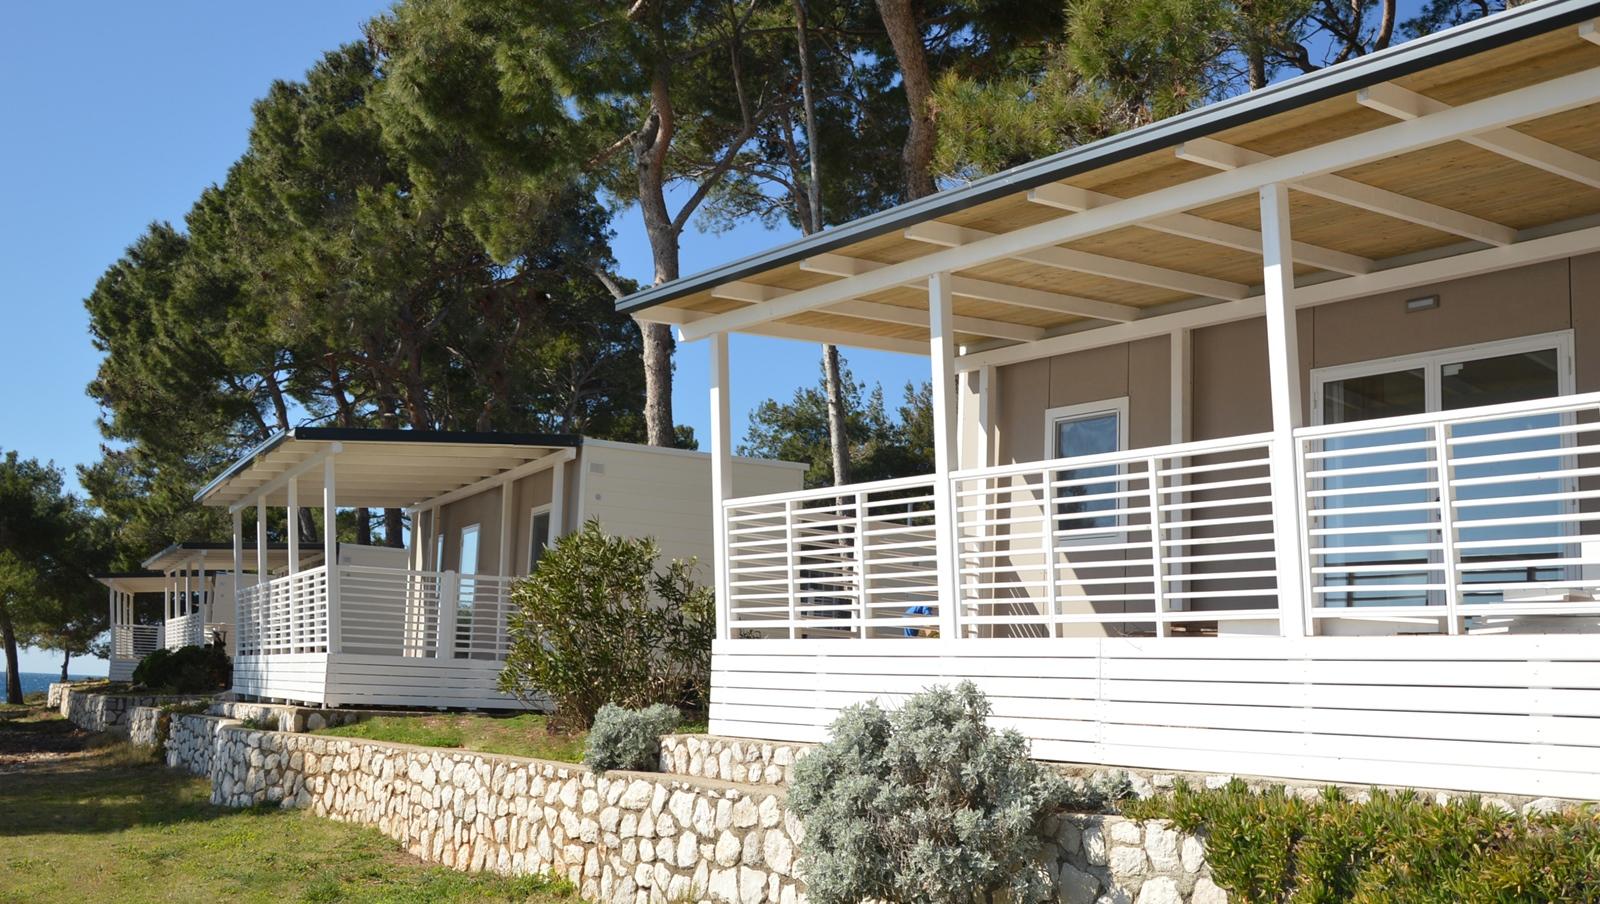 Case mobili in affitto per una vacanza in campeggio sull - Mobili in affitto ...